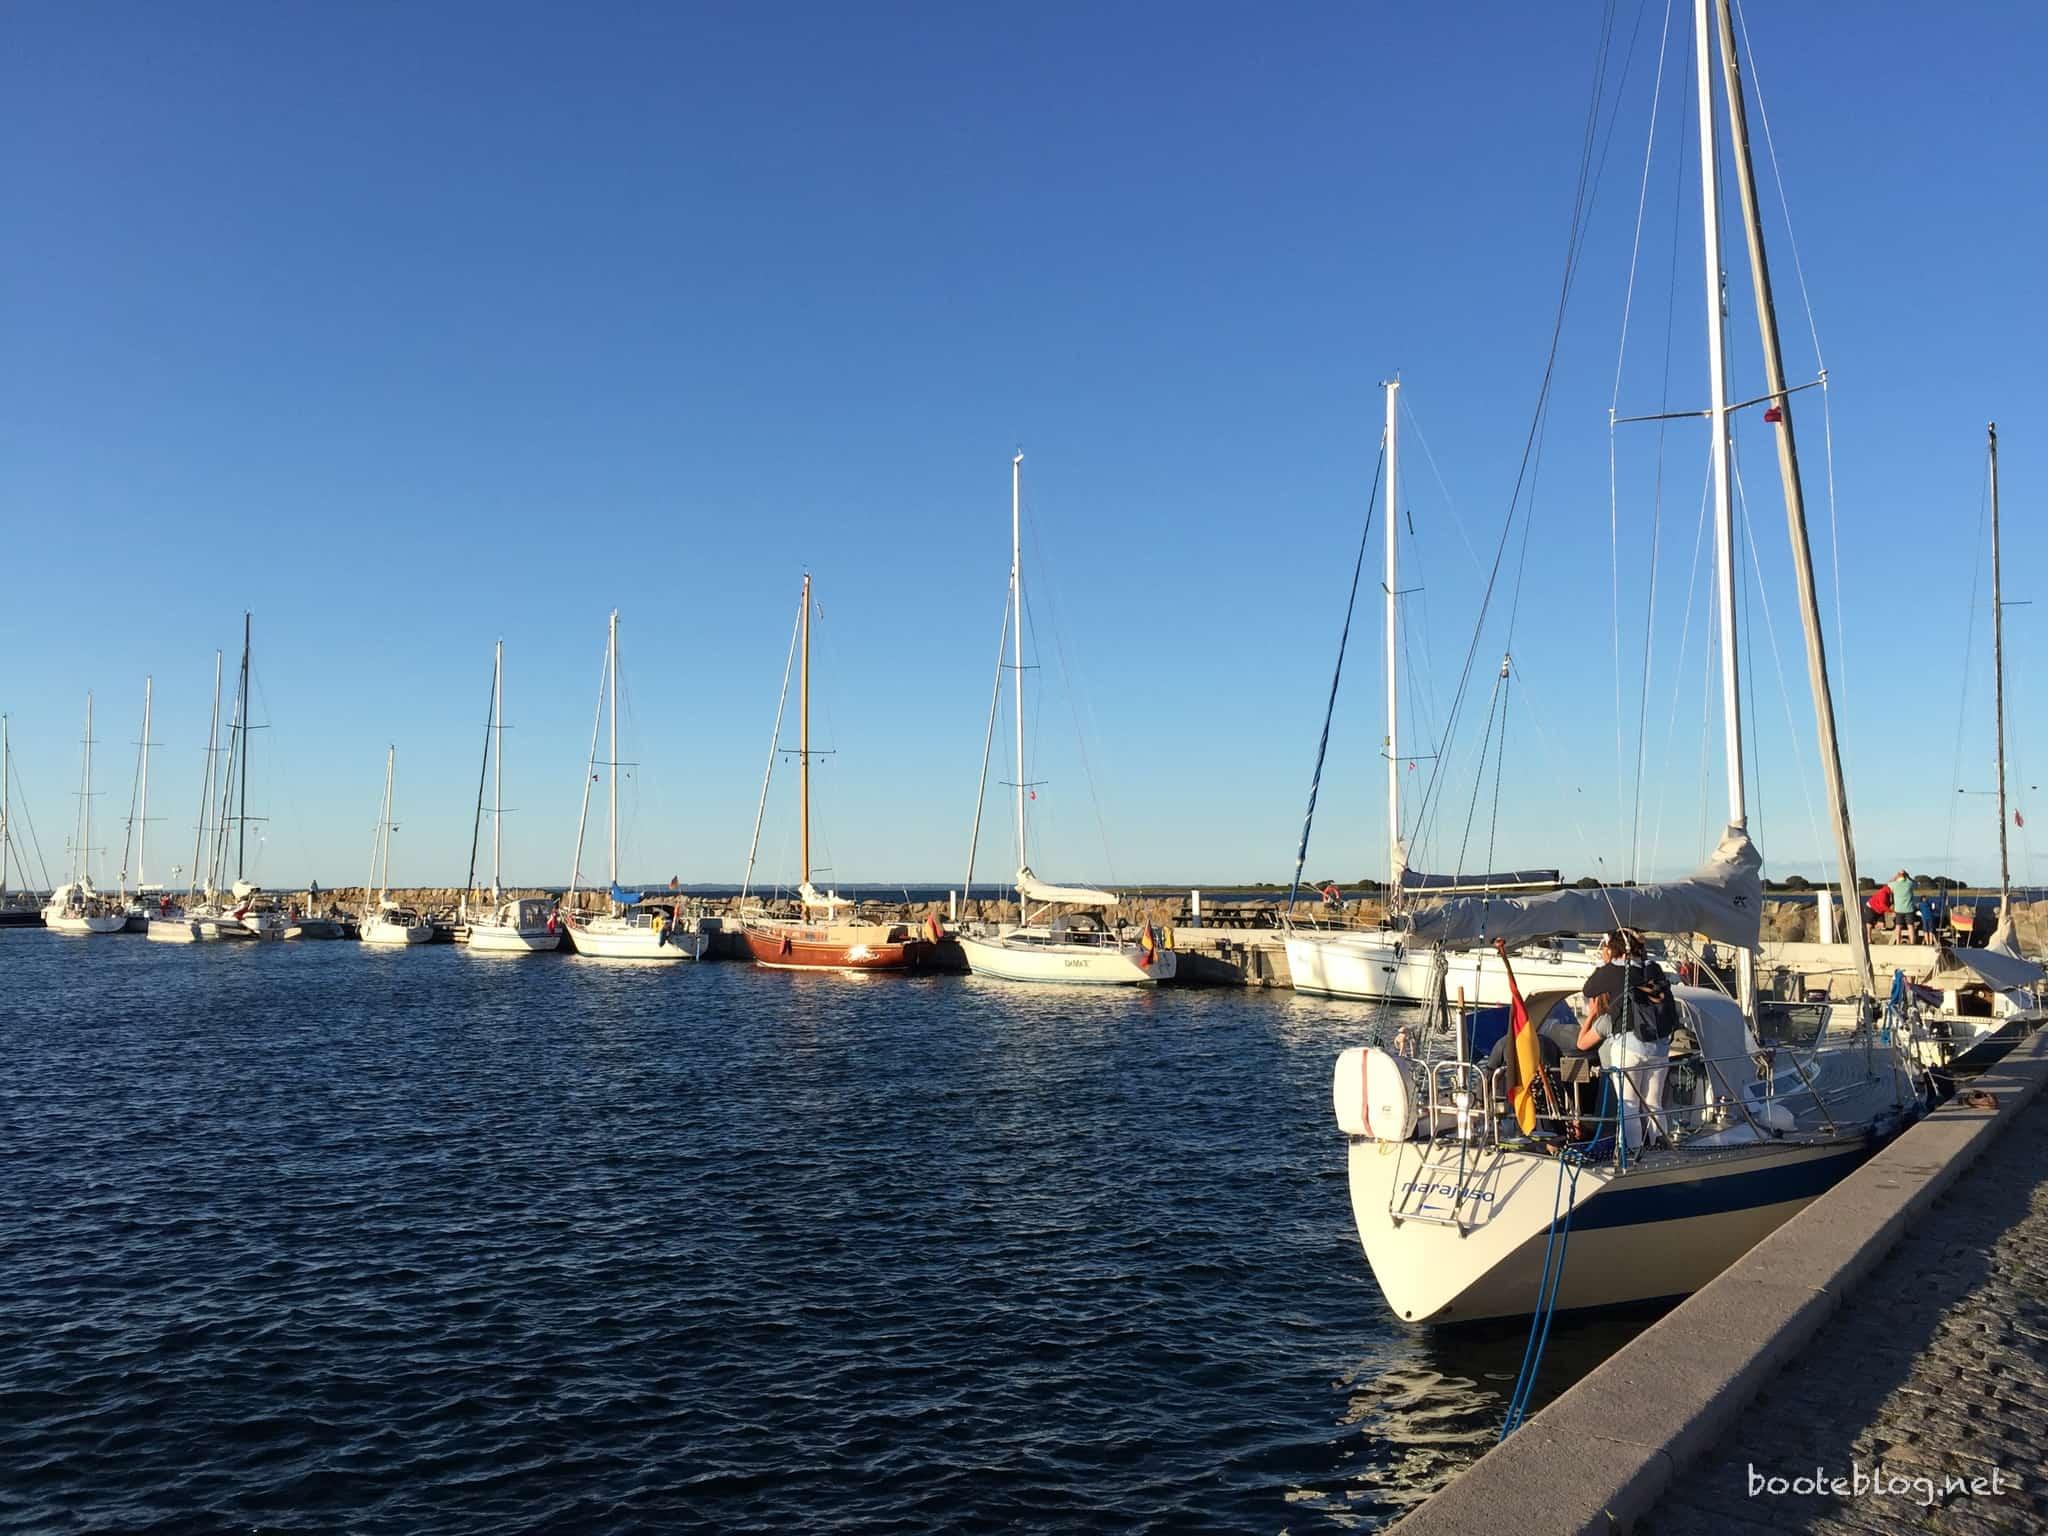 Der alte Hafen von Ærøskøbing, wo wir nur mit dem Schlauchboot festgemacht haben.